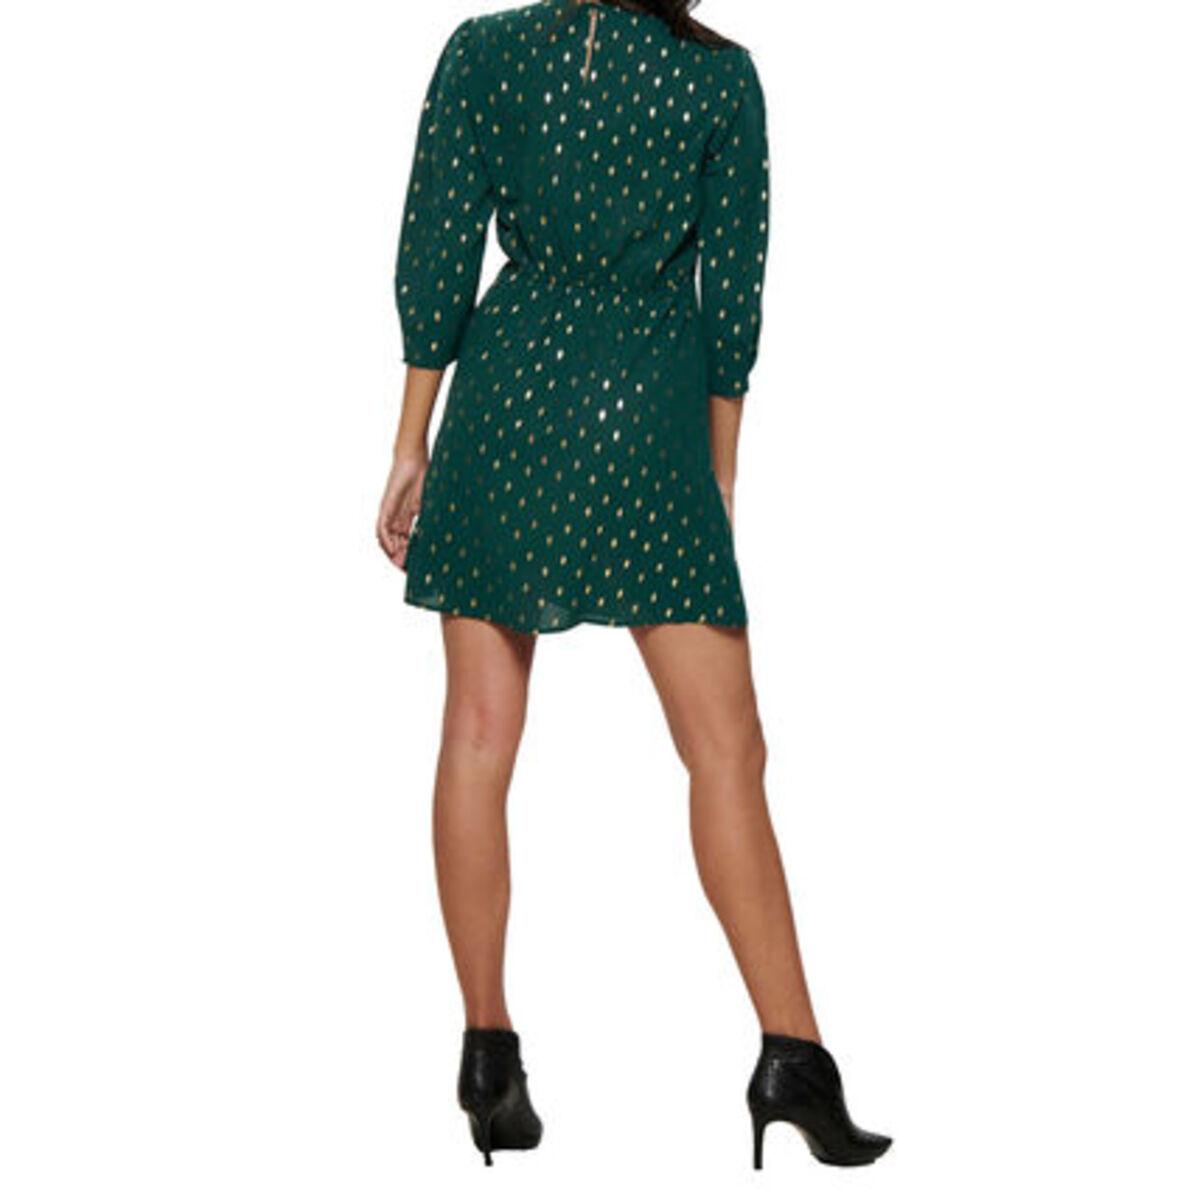 Bild 4 von Only Kleid, Allover-Print, dezente Ballonärmel, tailliert, für Damen